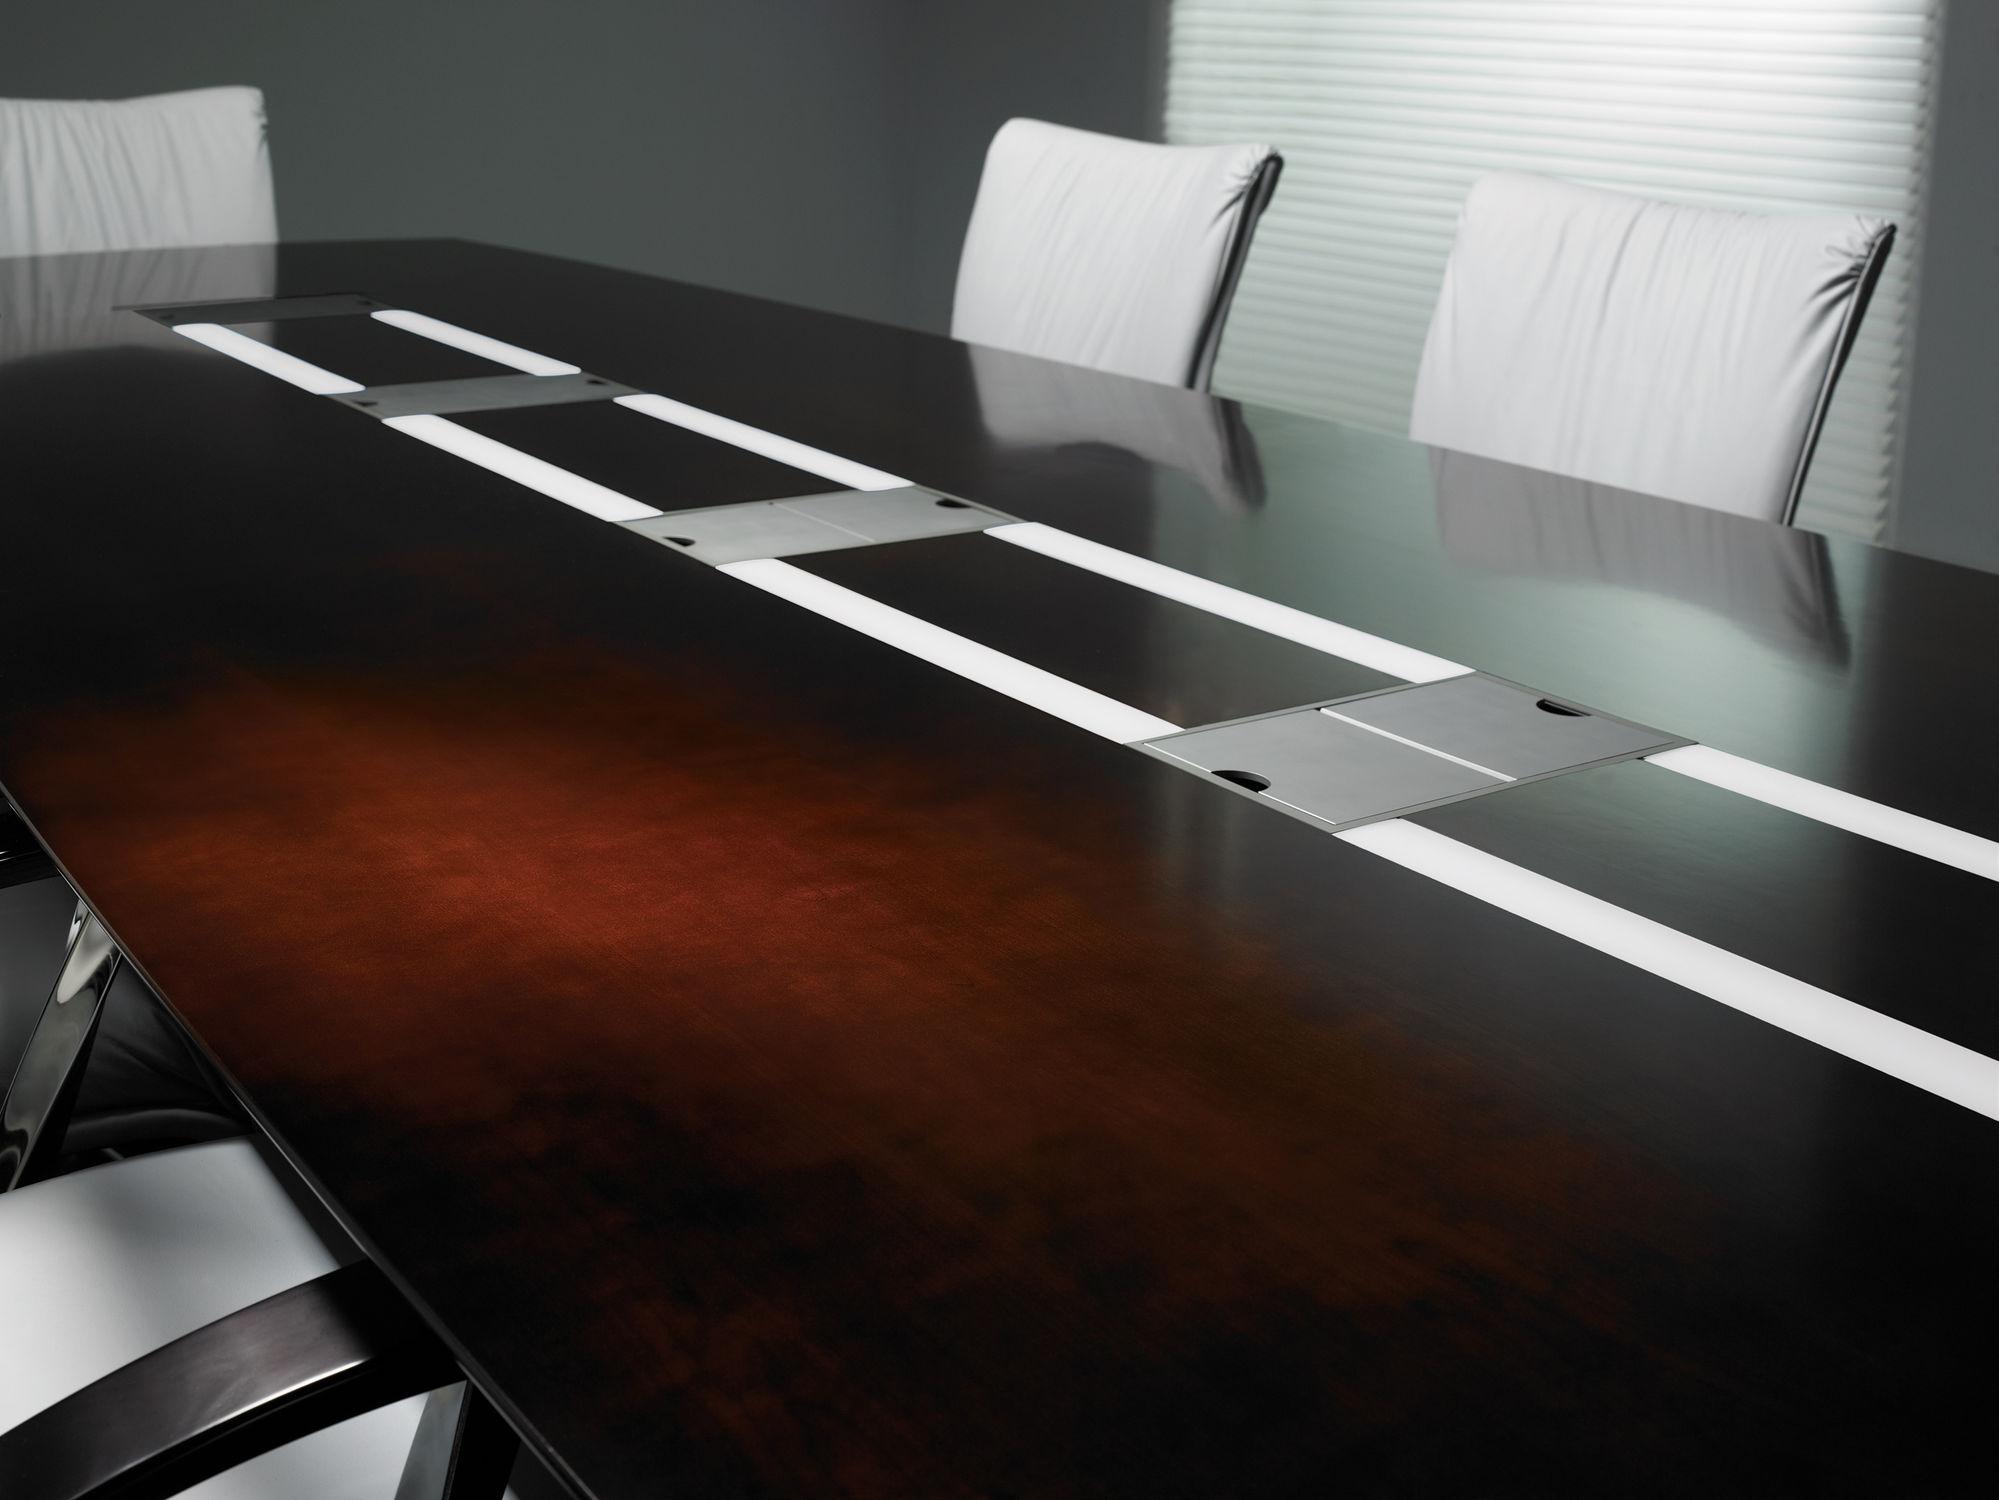 Table de conf rence contemporaine en bois - Table a repasser avec prise integree ...